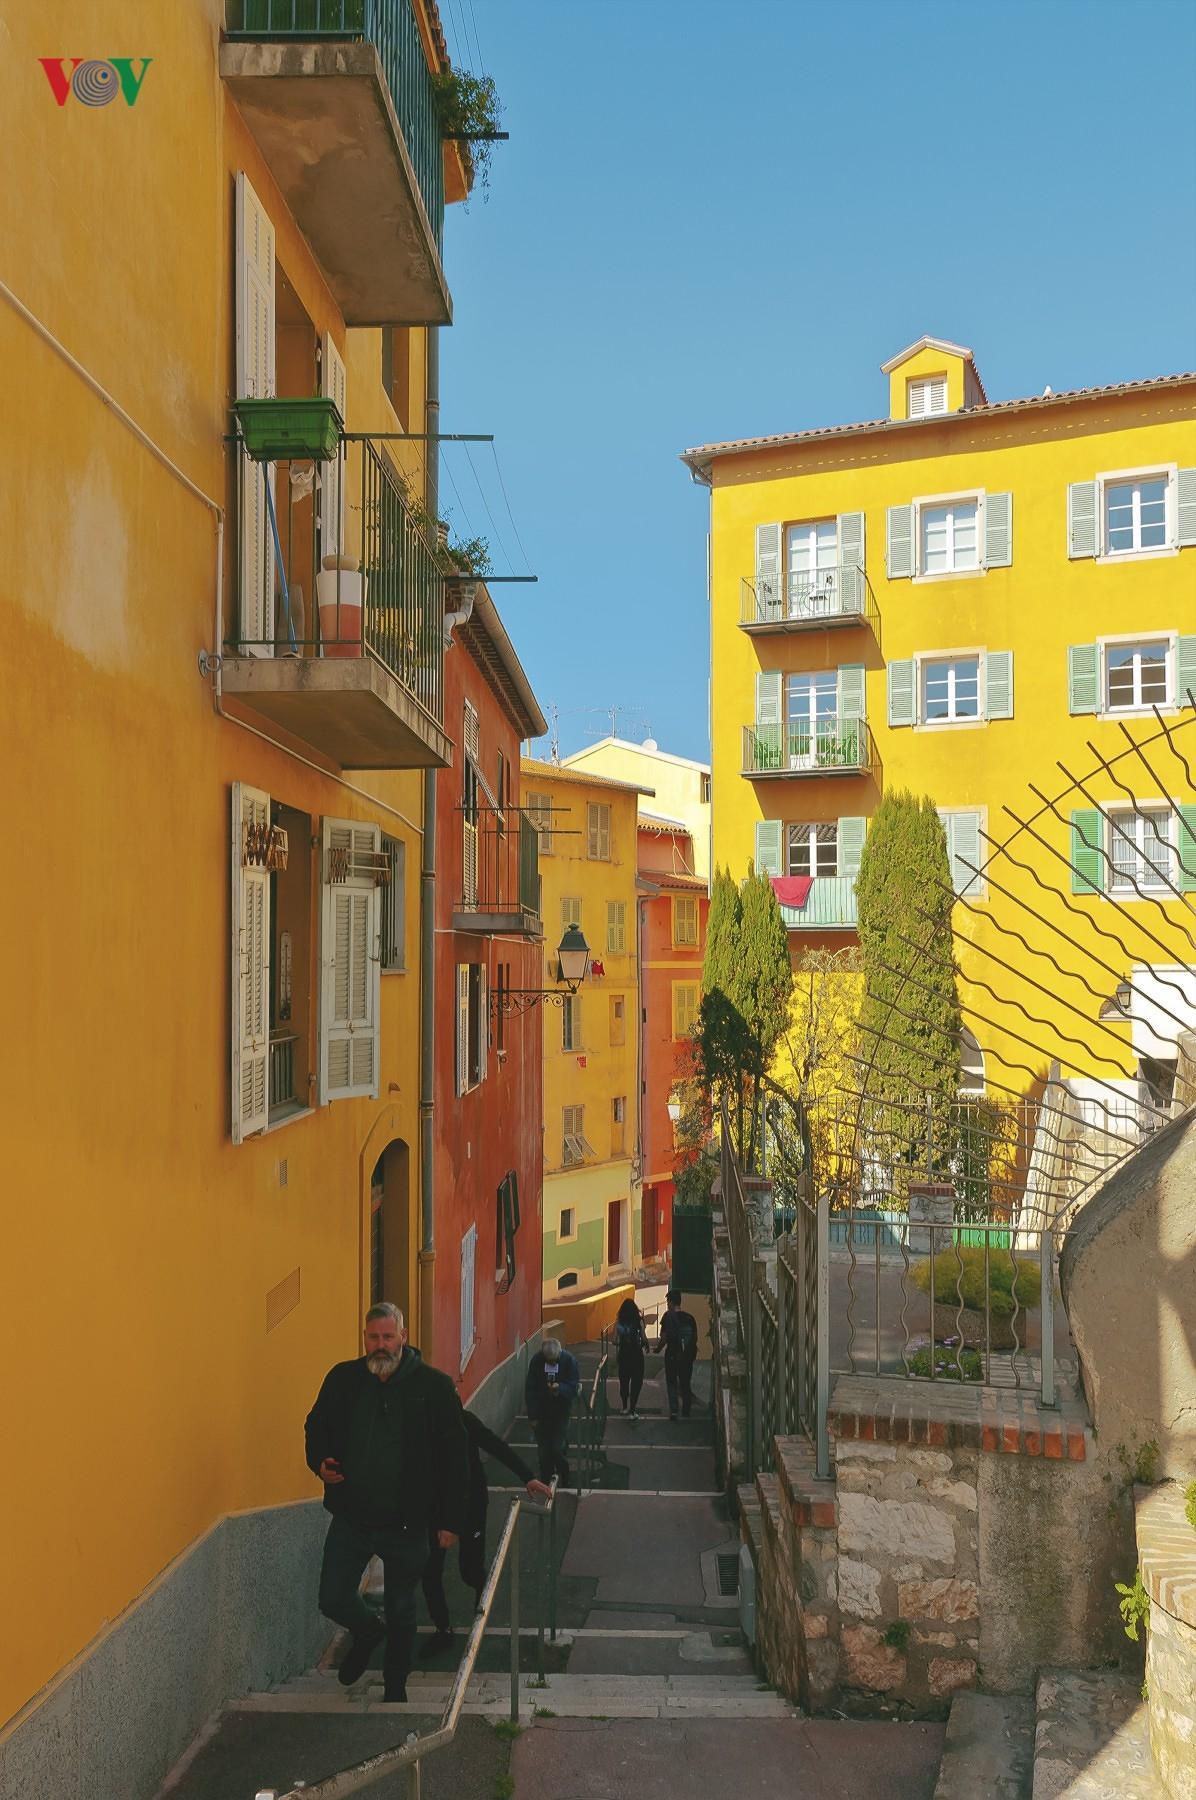 Khám phá Nice - thành phố biển quyến rũ nhất Địa Trung Hải Ảnh 15